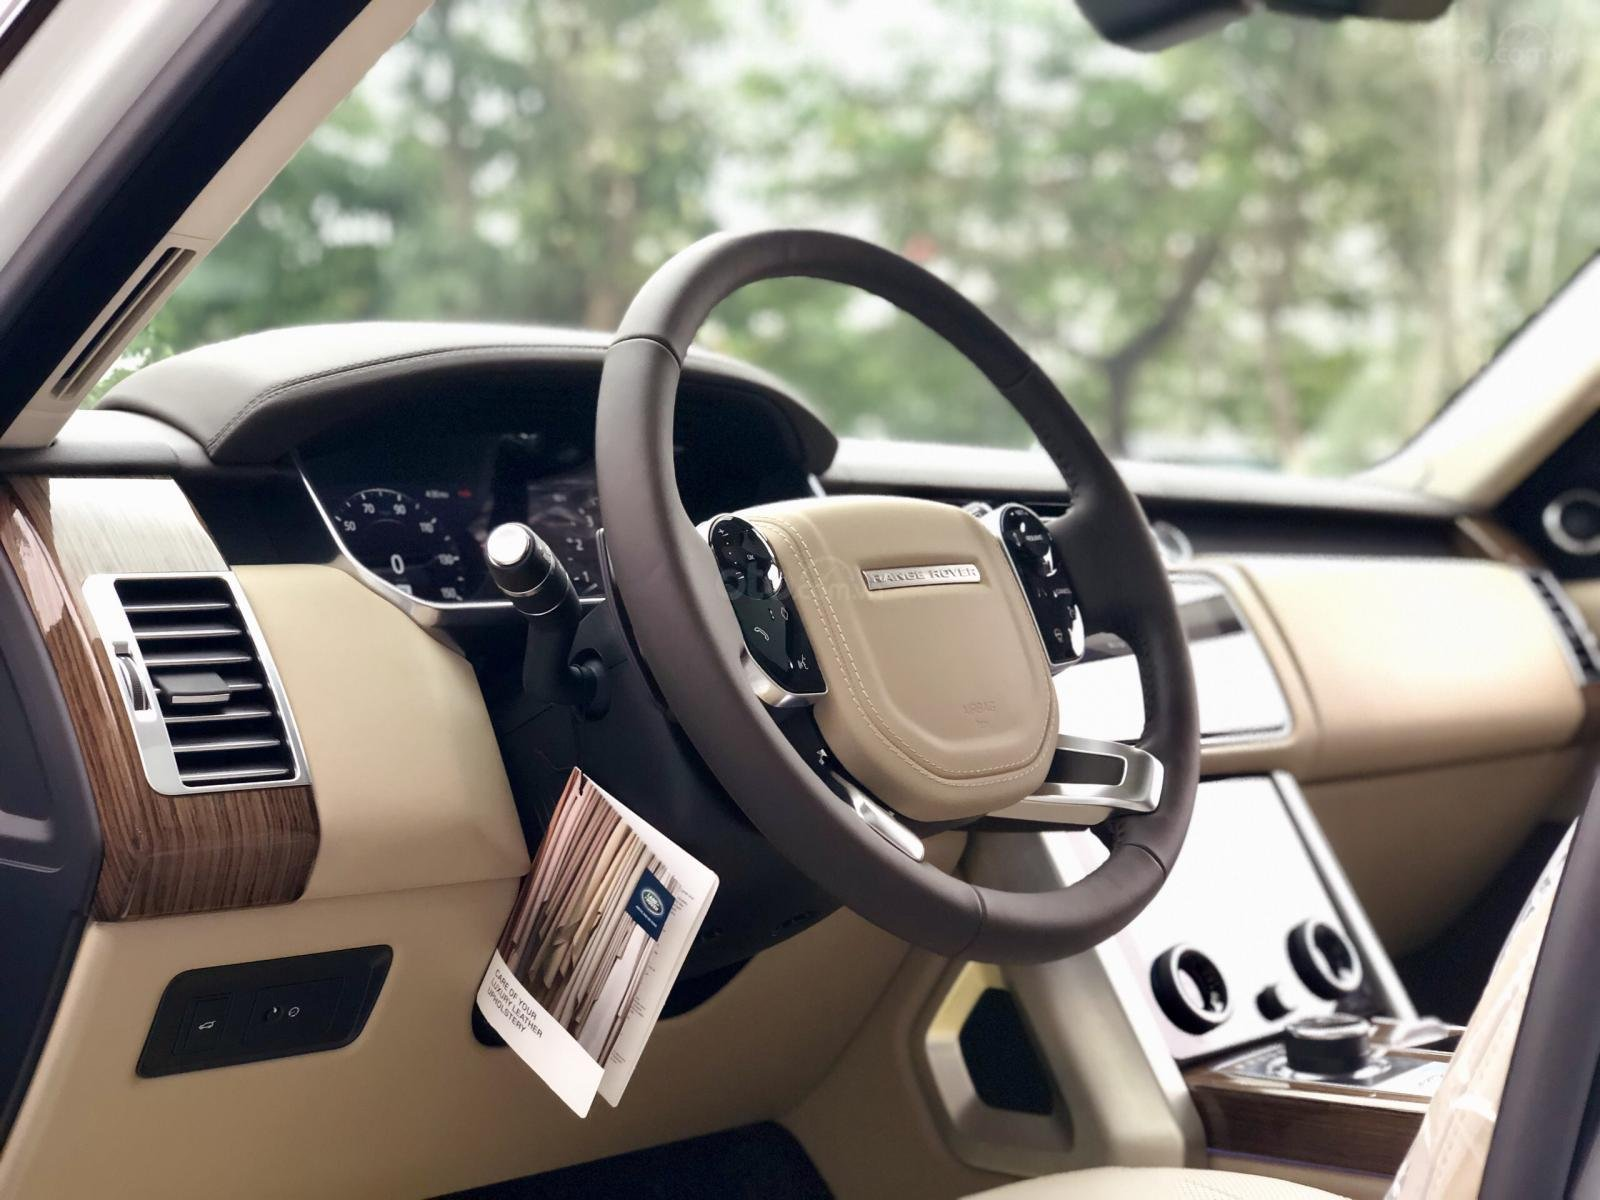 Bán LandRover Range Rover HSE 3.0 năm 2018, màu trắng, nhập khẩu, hỗ trợ ngân hàng 6 tỷ, call: 0914.868.198 (12)